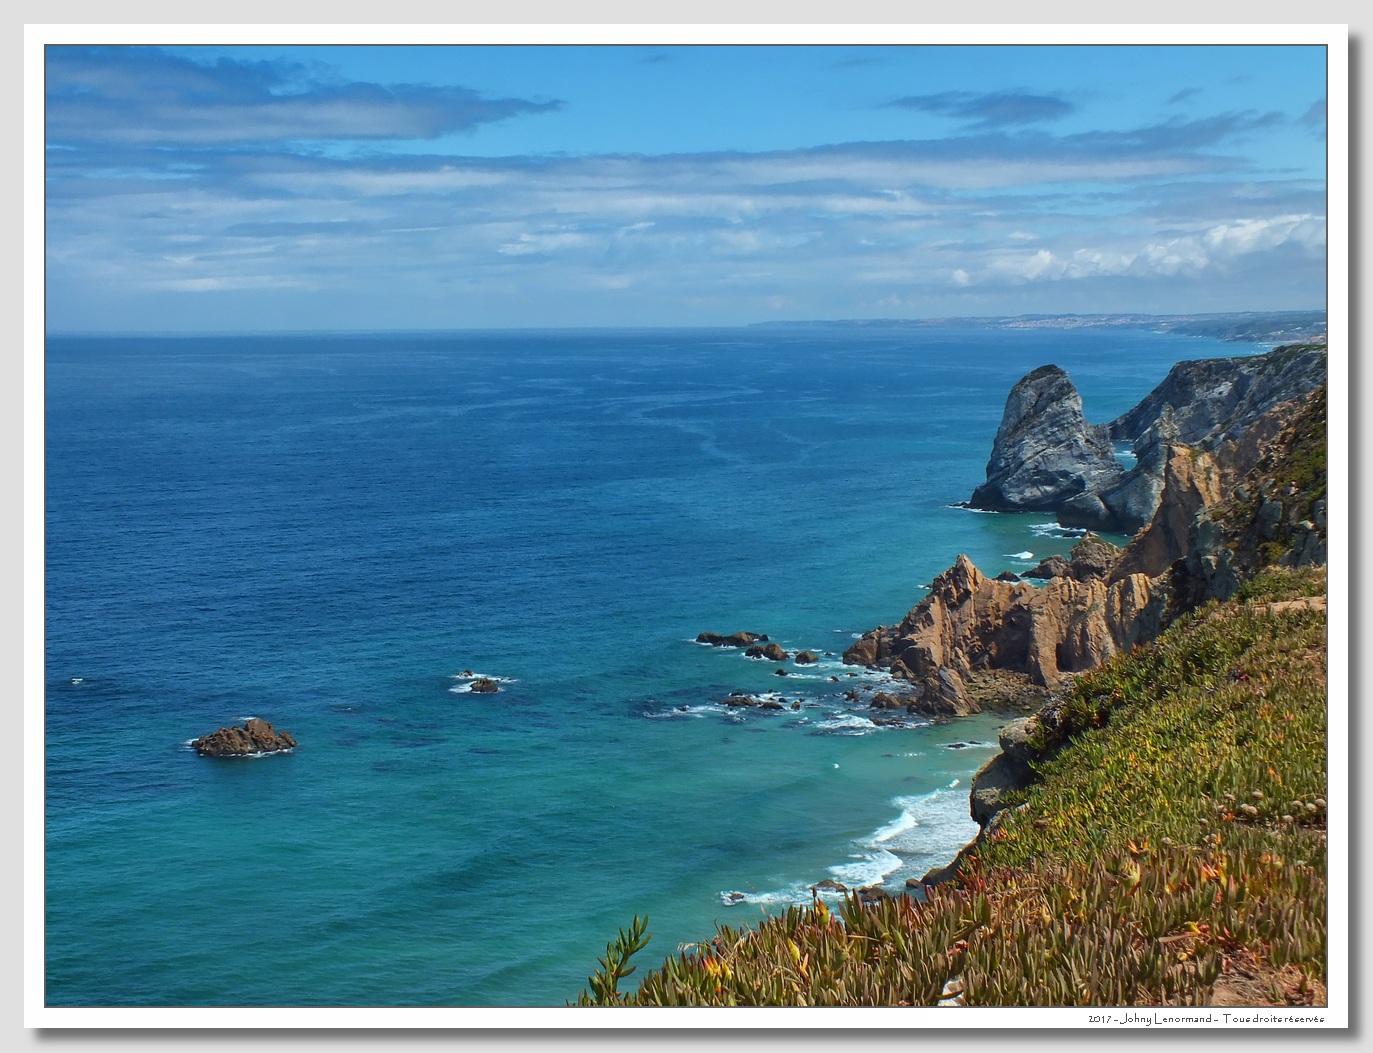 Voyage au Portugal: Cabo Da Roca